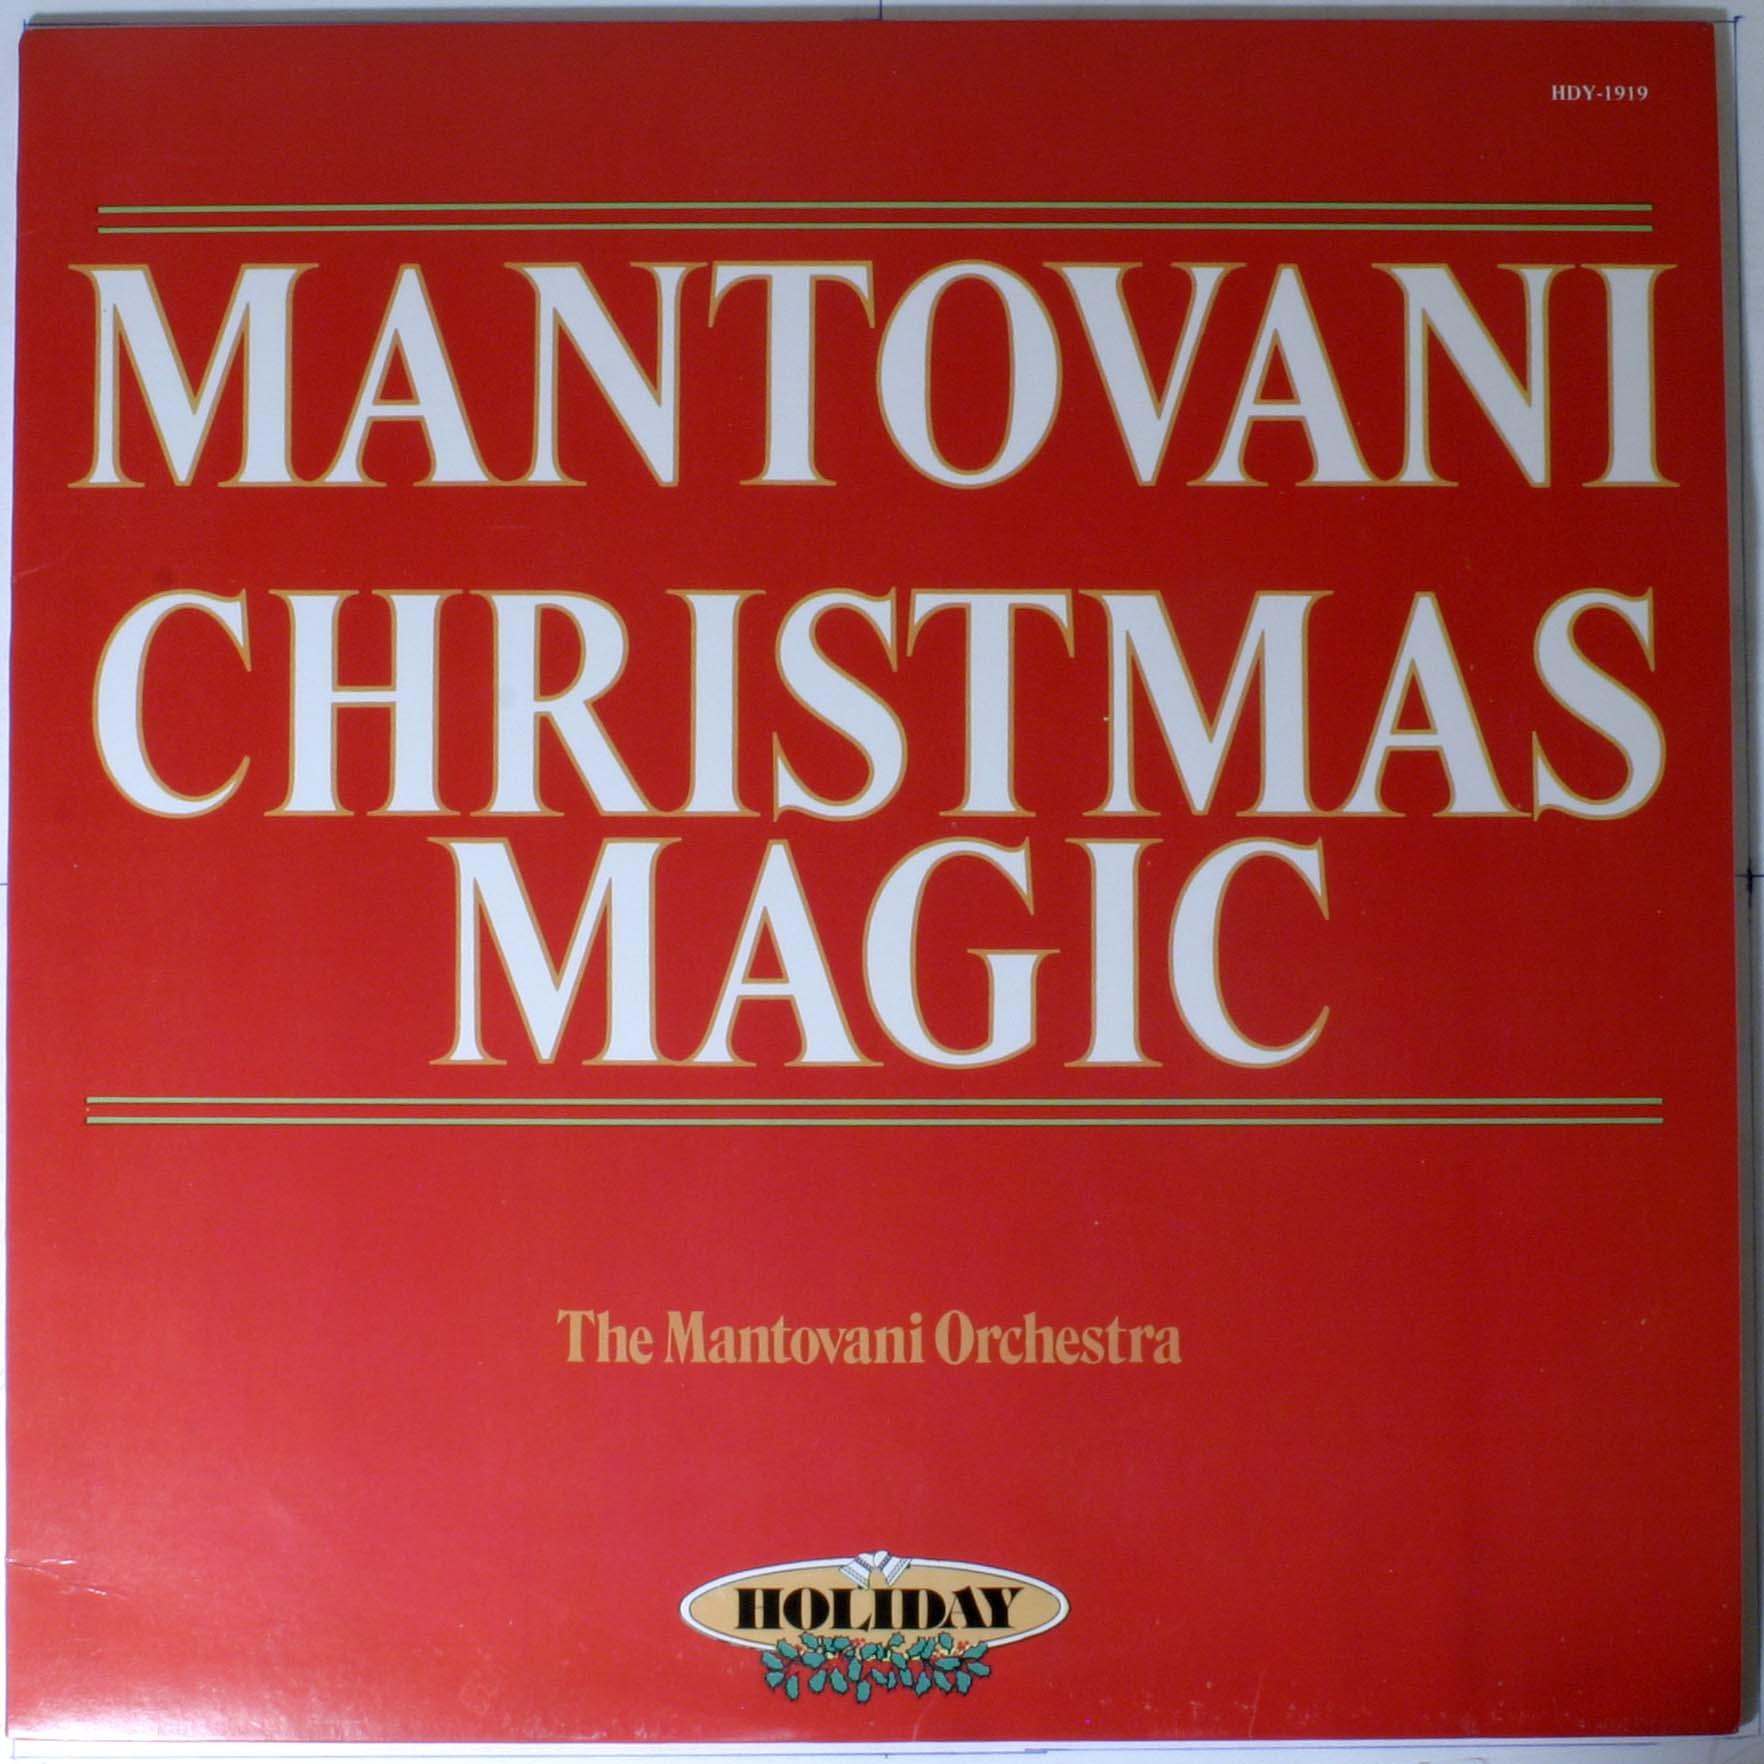 Mantovani - Christmas Magic